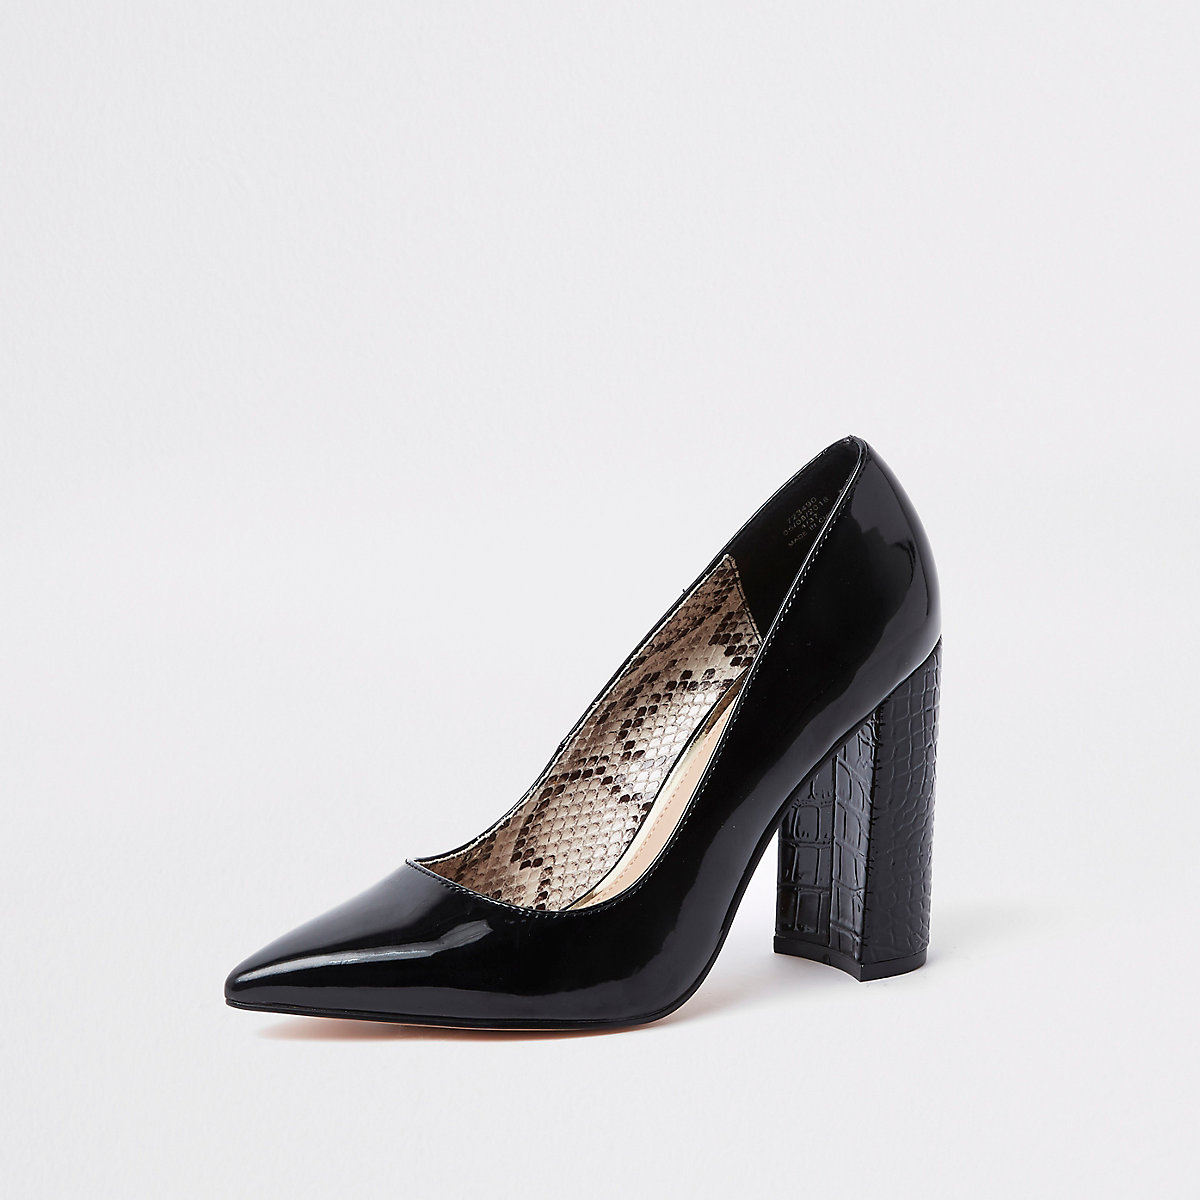 Escarpins noirs coupe large à talons carrés - Chaussures ... 3aa4fcf36ba0